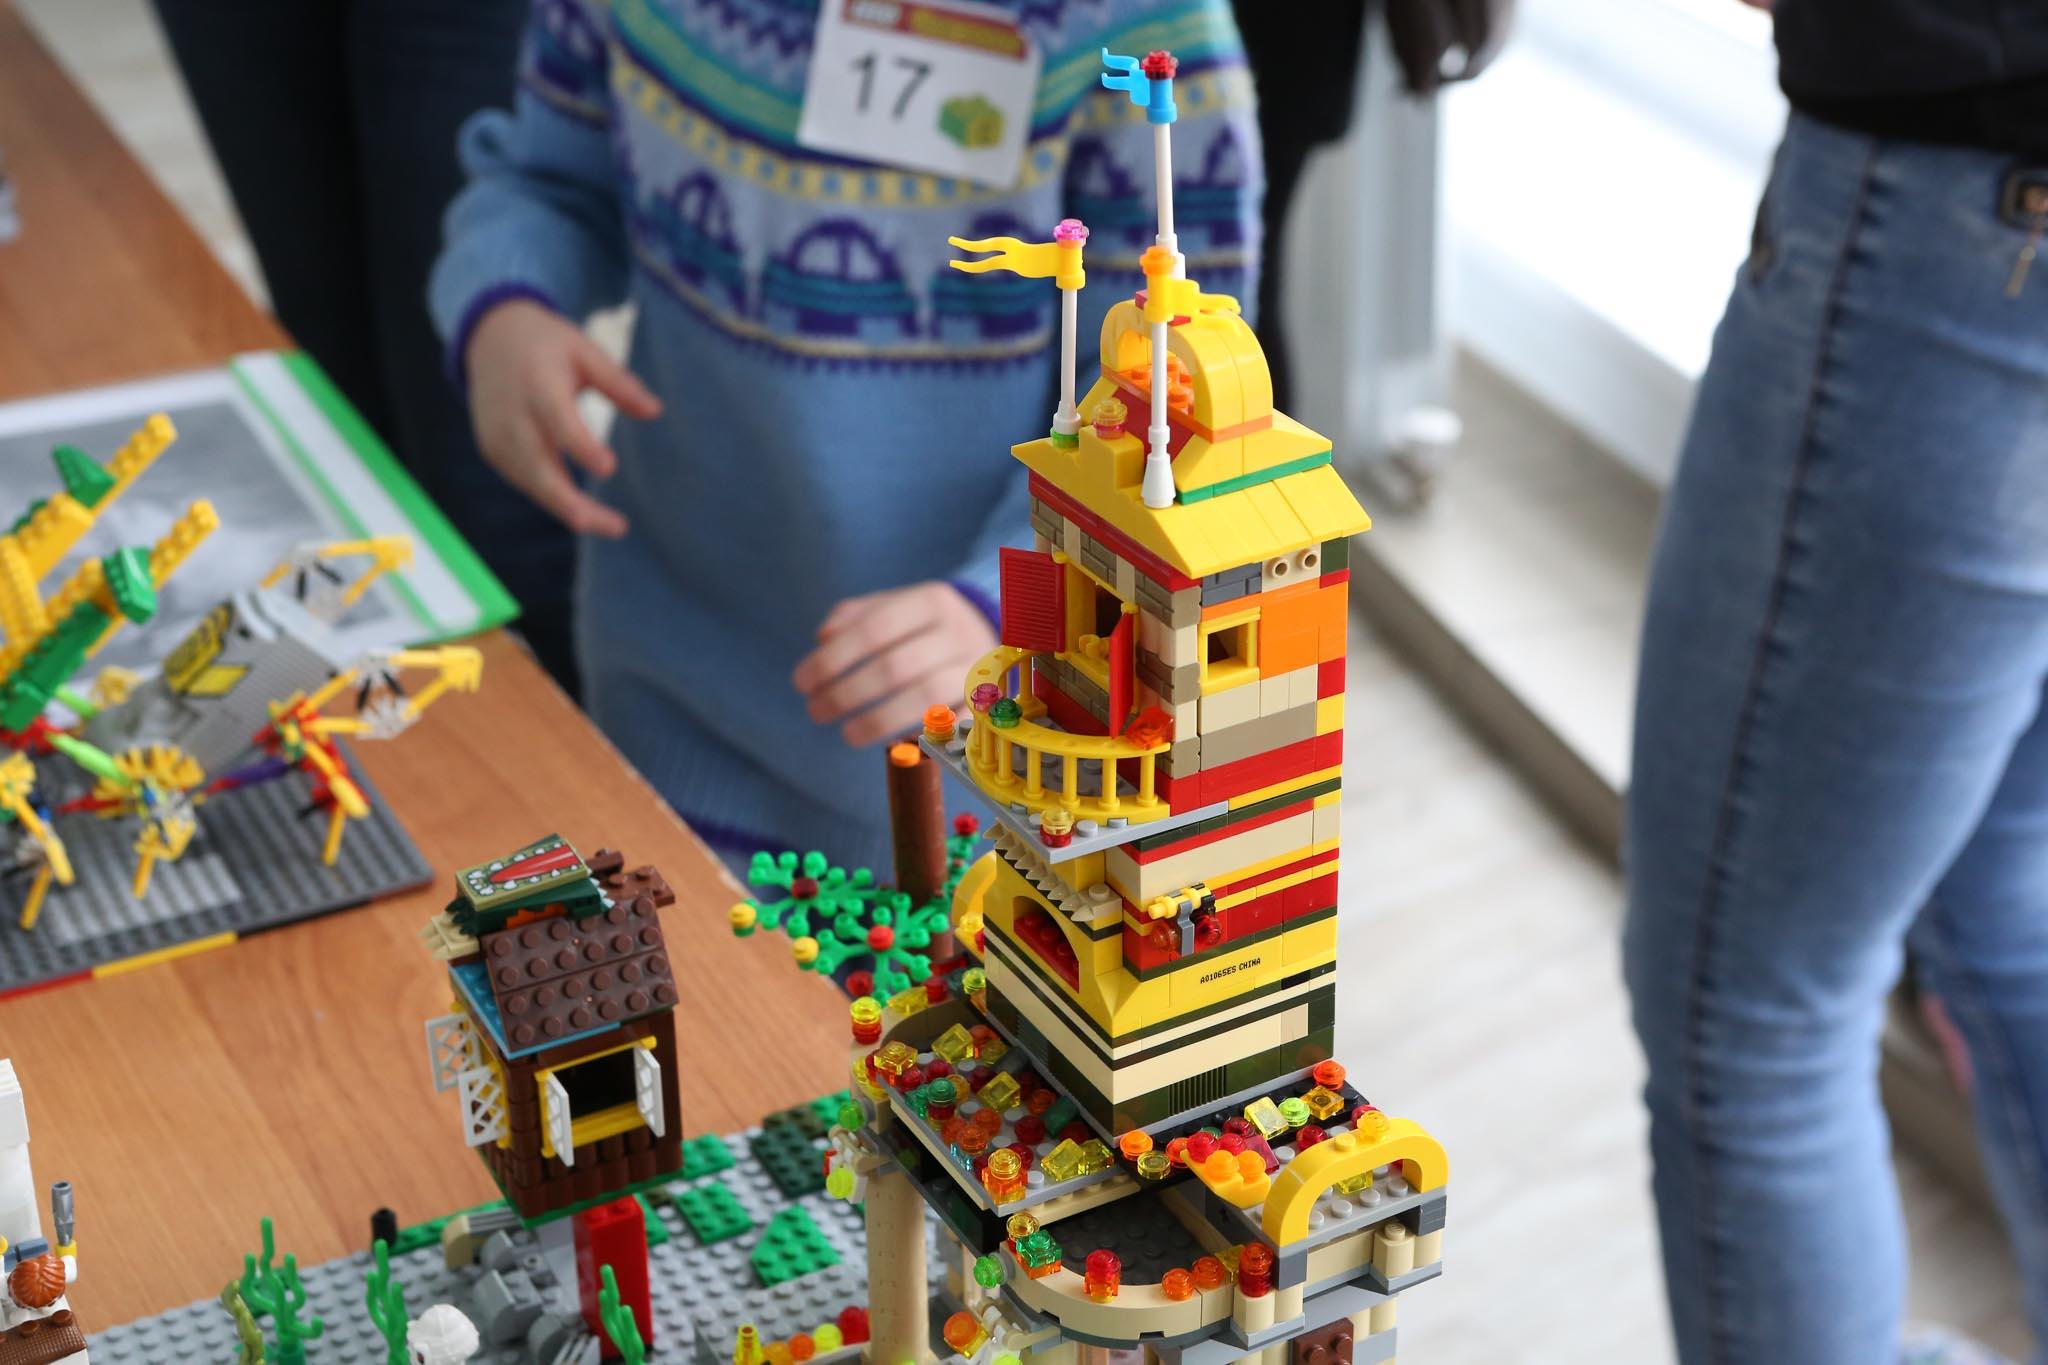 От детского конструктора к робототехнике: в Челябинске пройдет этап международных соревнований по Lego